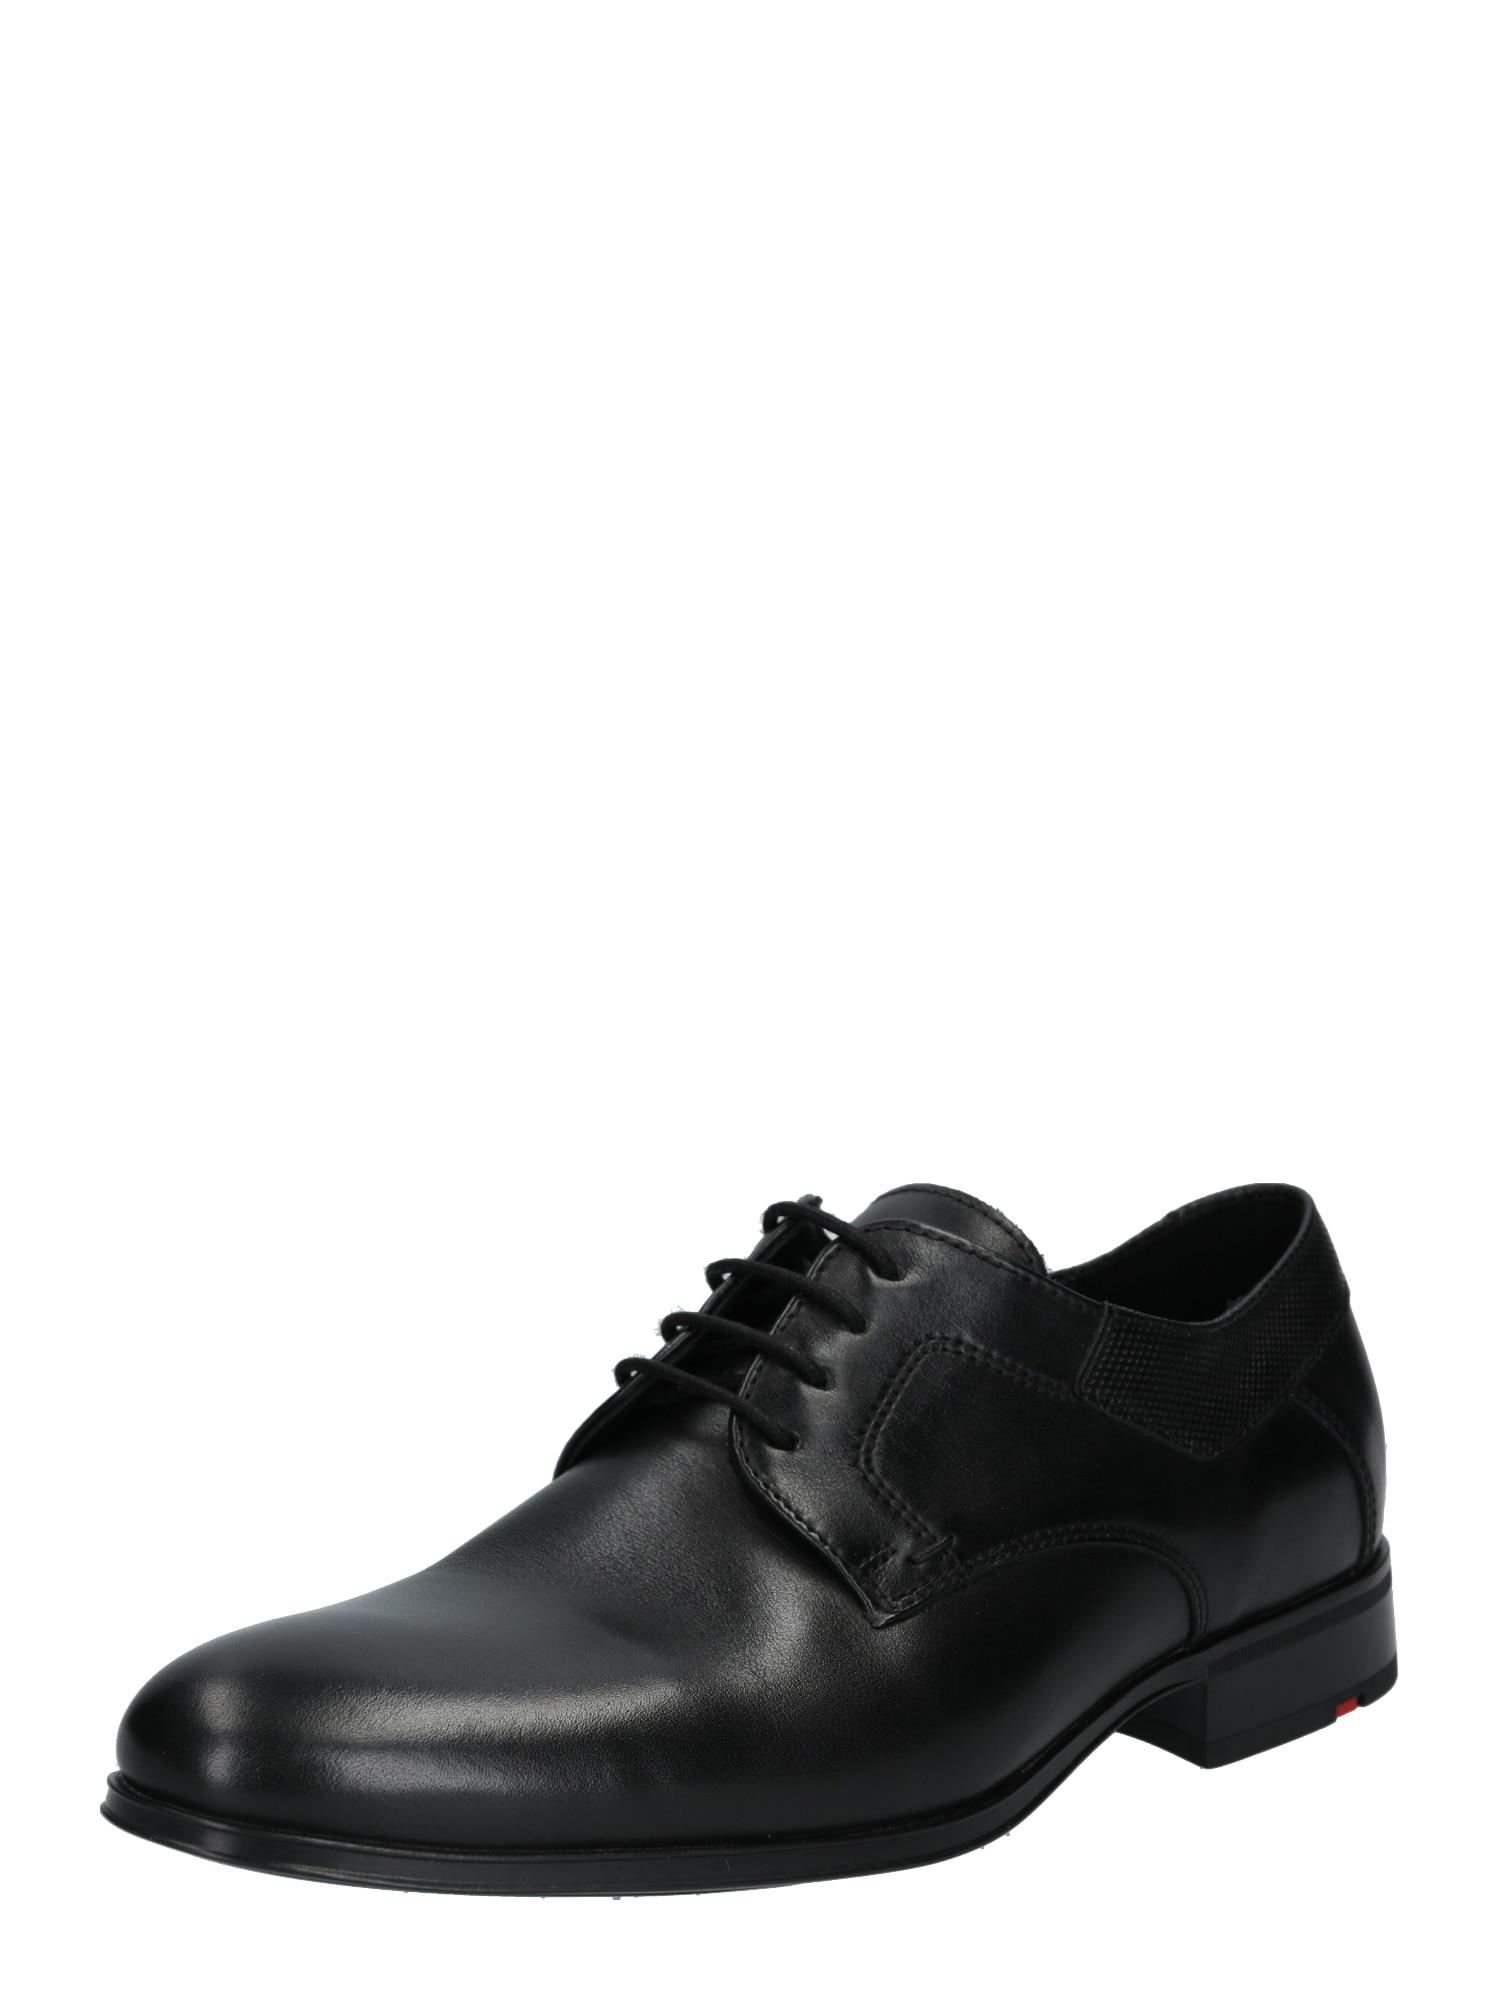 Šněrovací boty LADOR černá LLOYD